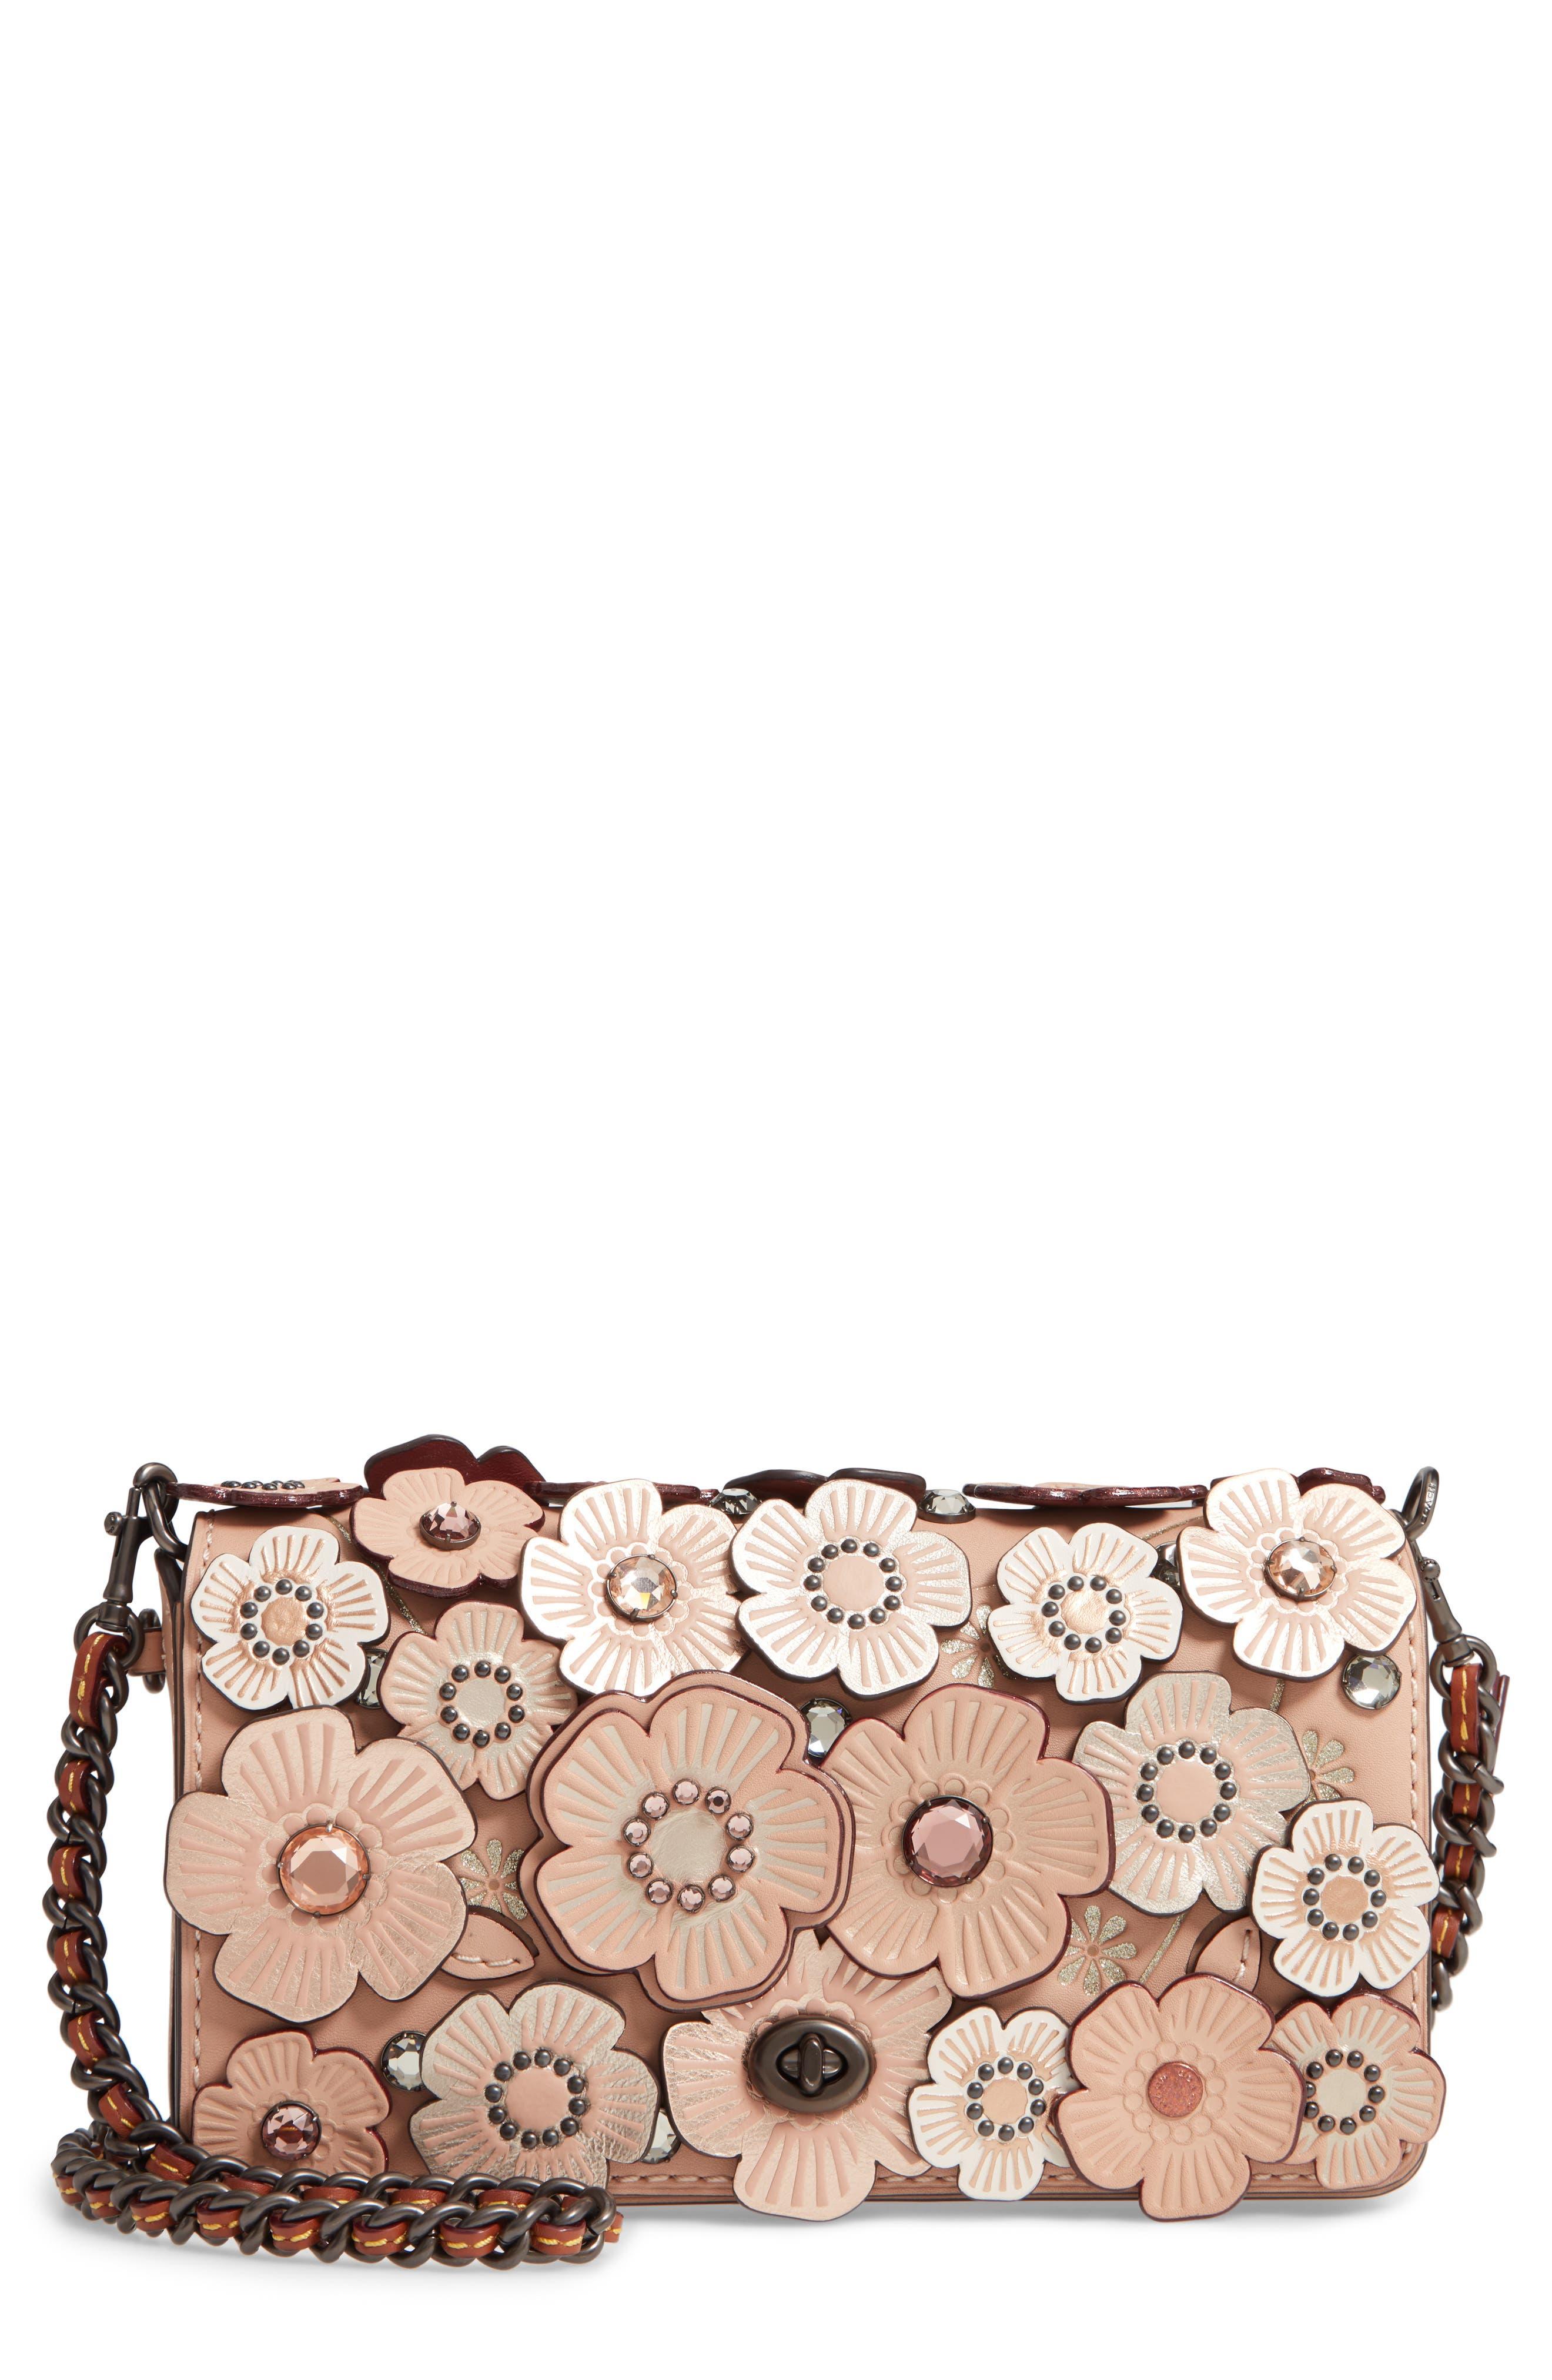 Dinky Crystal Tea Rose Appliqué Leather Crossbody Bag,                             Main thumbnail 1, color,                             203